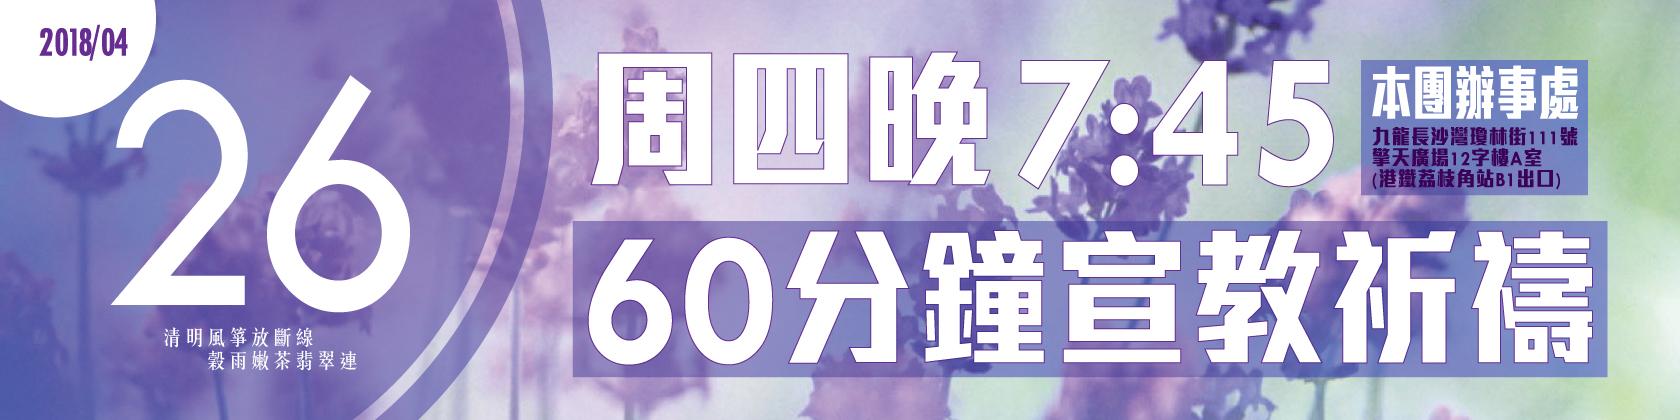 2018祈禱會-04